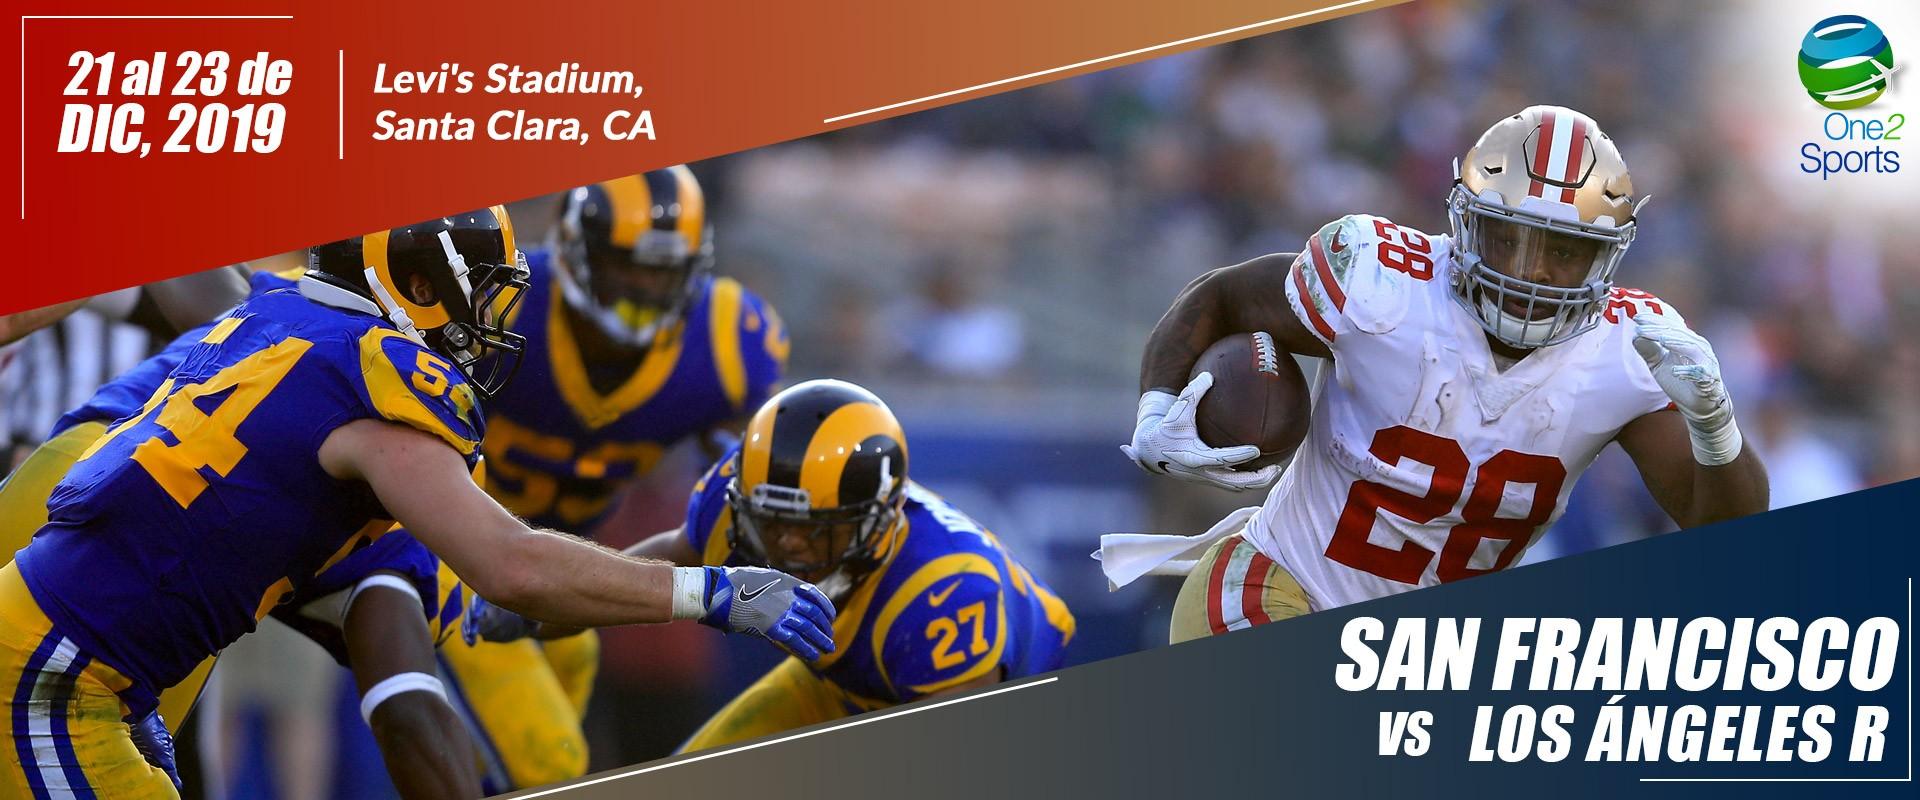 San Francisco vs Los Angeles R